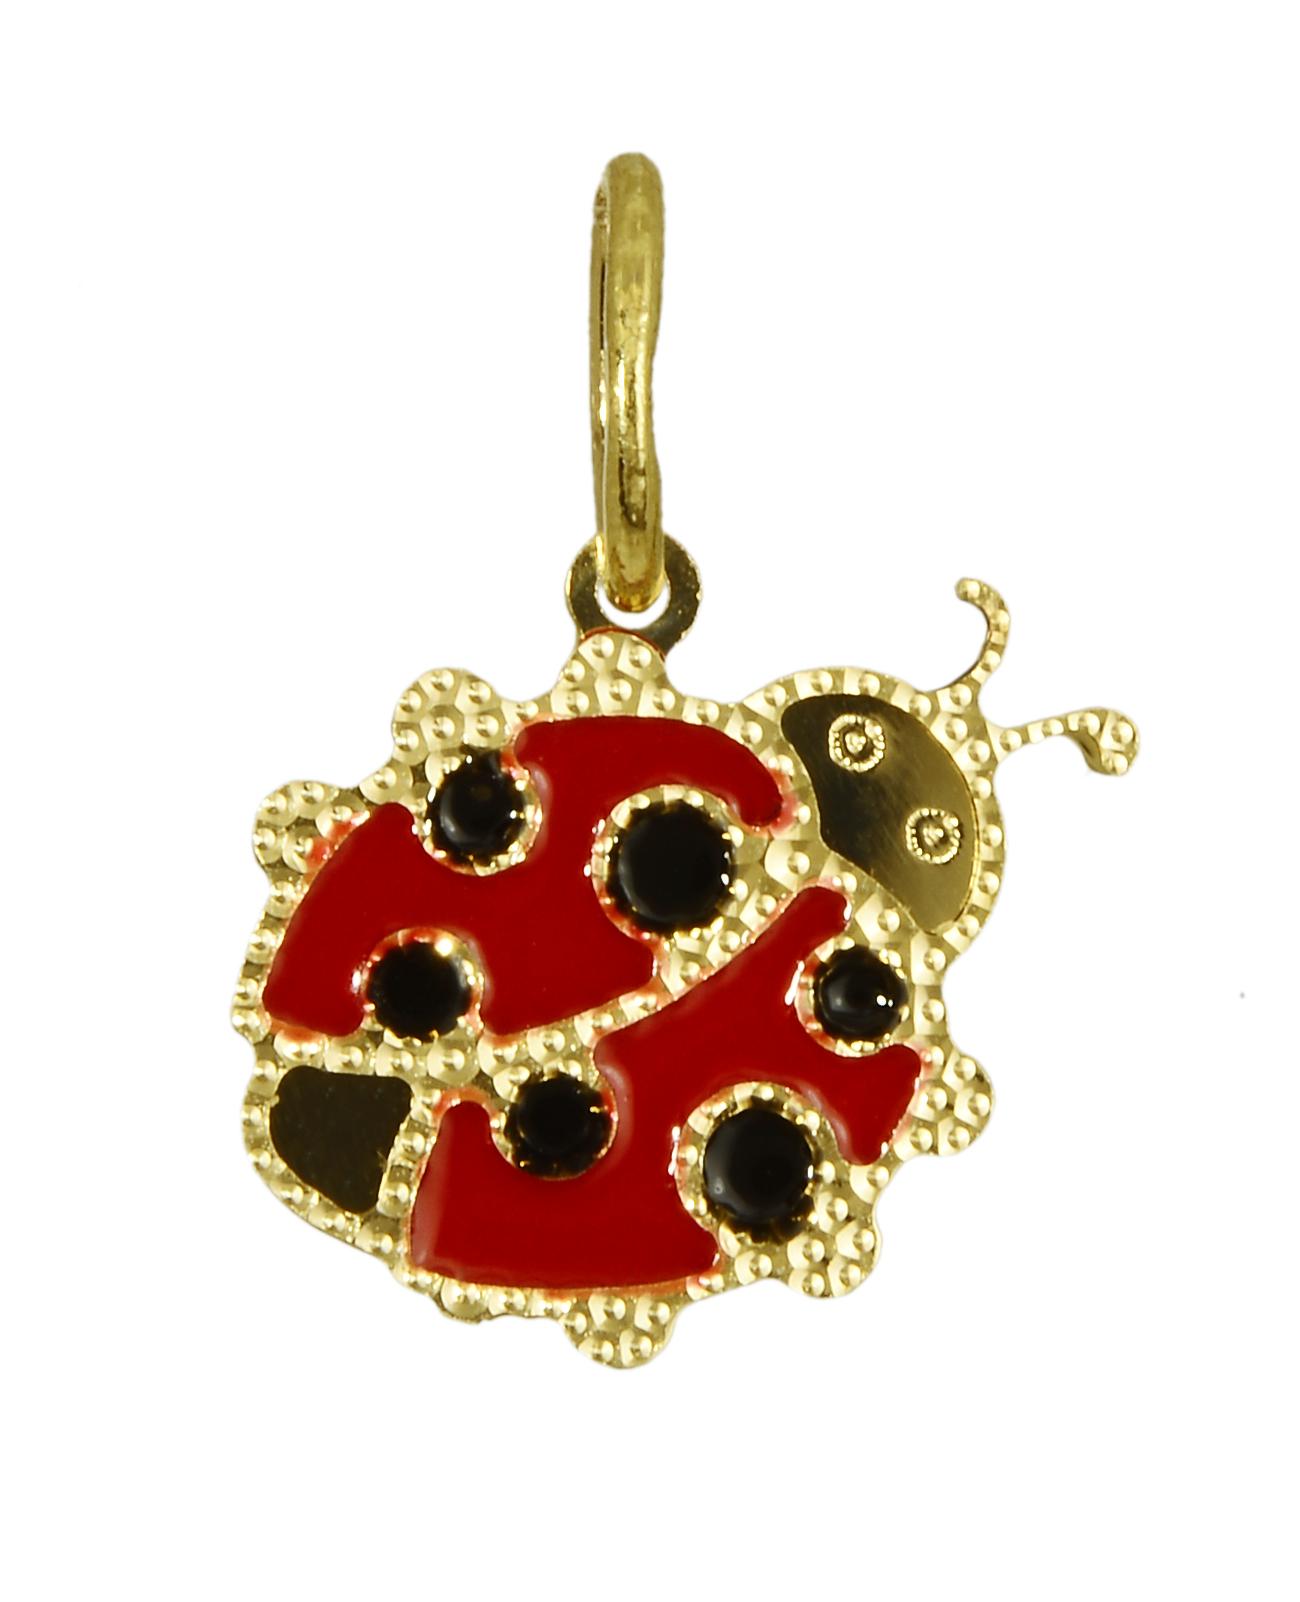 Παιδικό χρυσό κολιέ πασχαλίτσα 016335 Χρυσός 14 Καράτια παιδικά κοσμήματα κρεμαστά